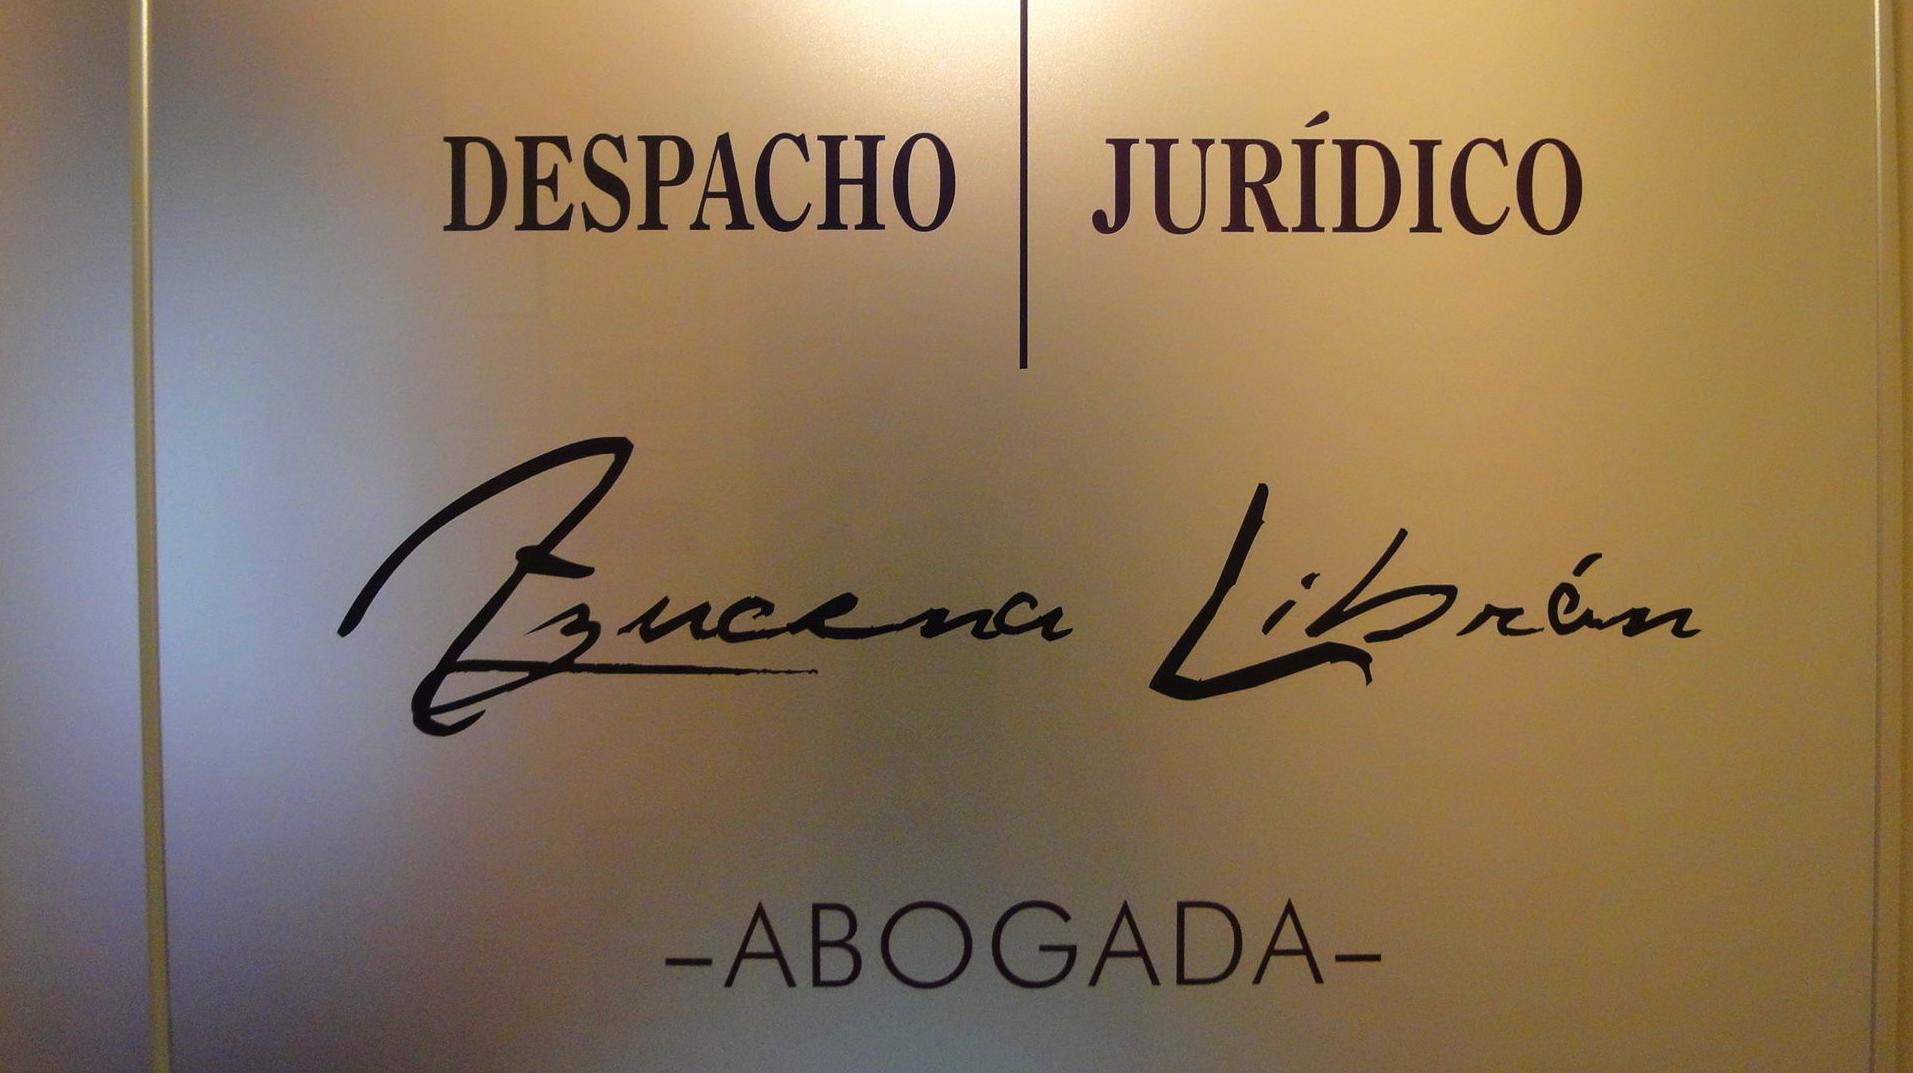 Foto 6 de Abogados en Ponferrada | Despacho Jurídico Azucena Librán